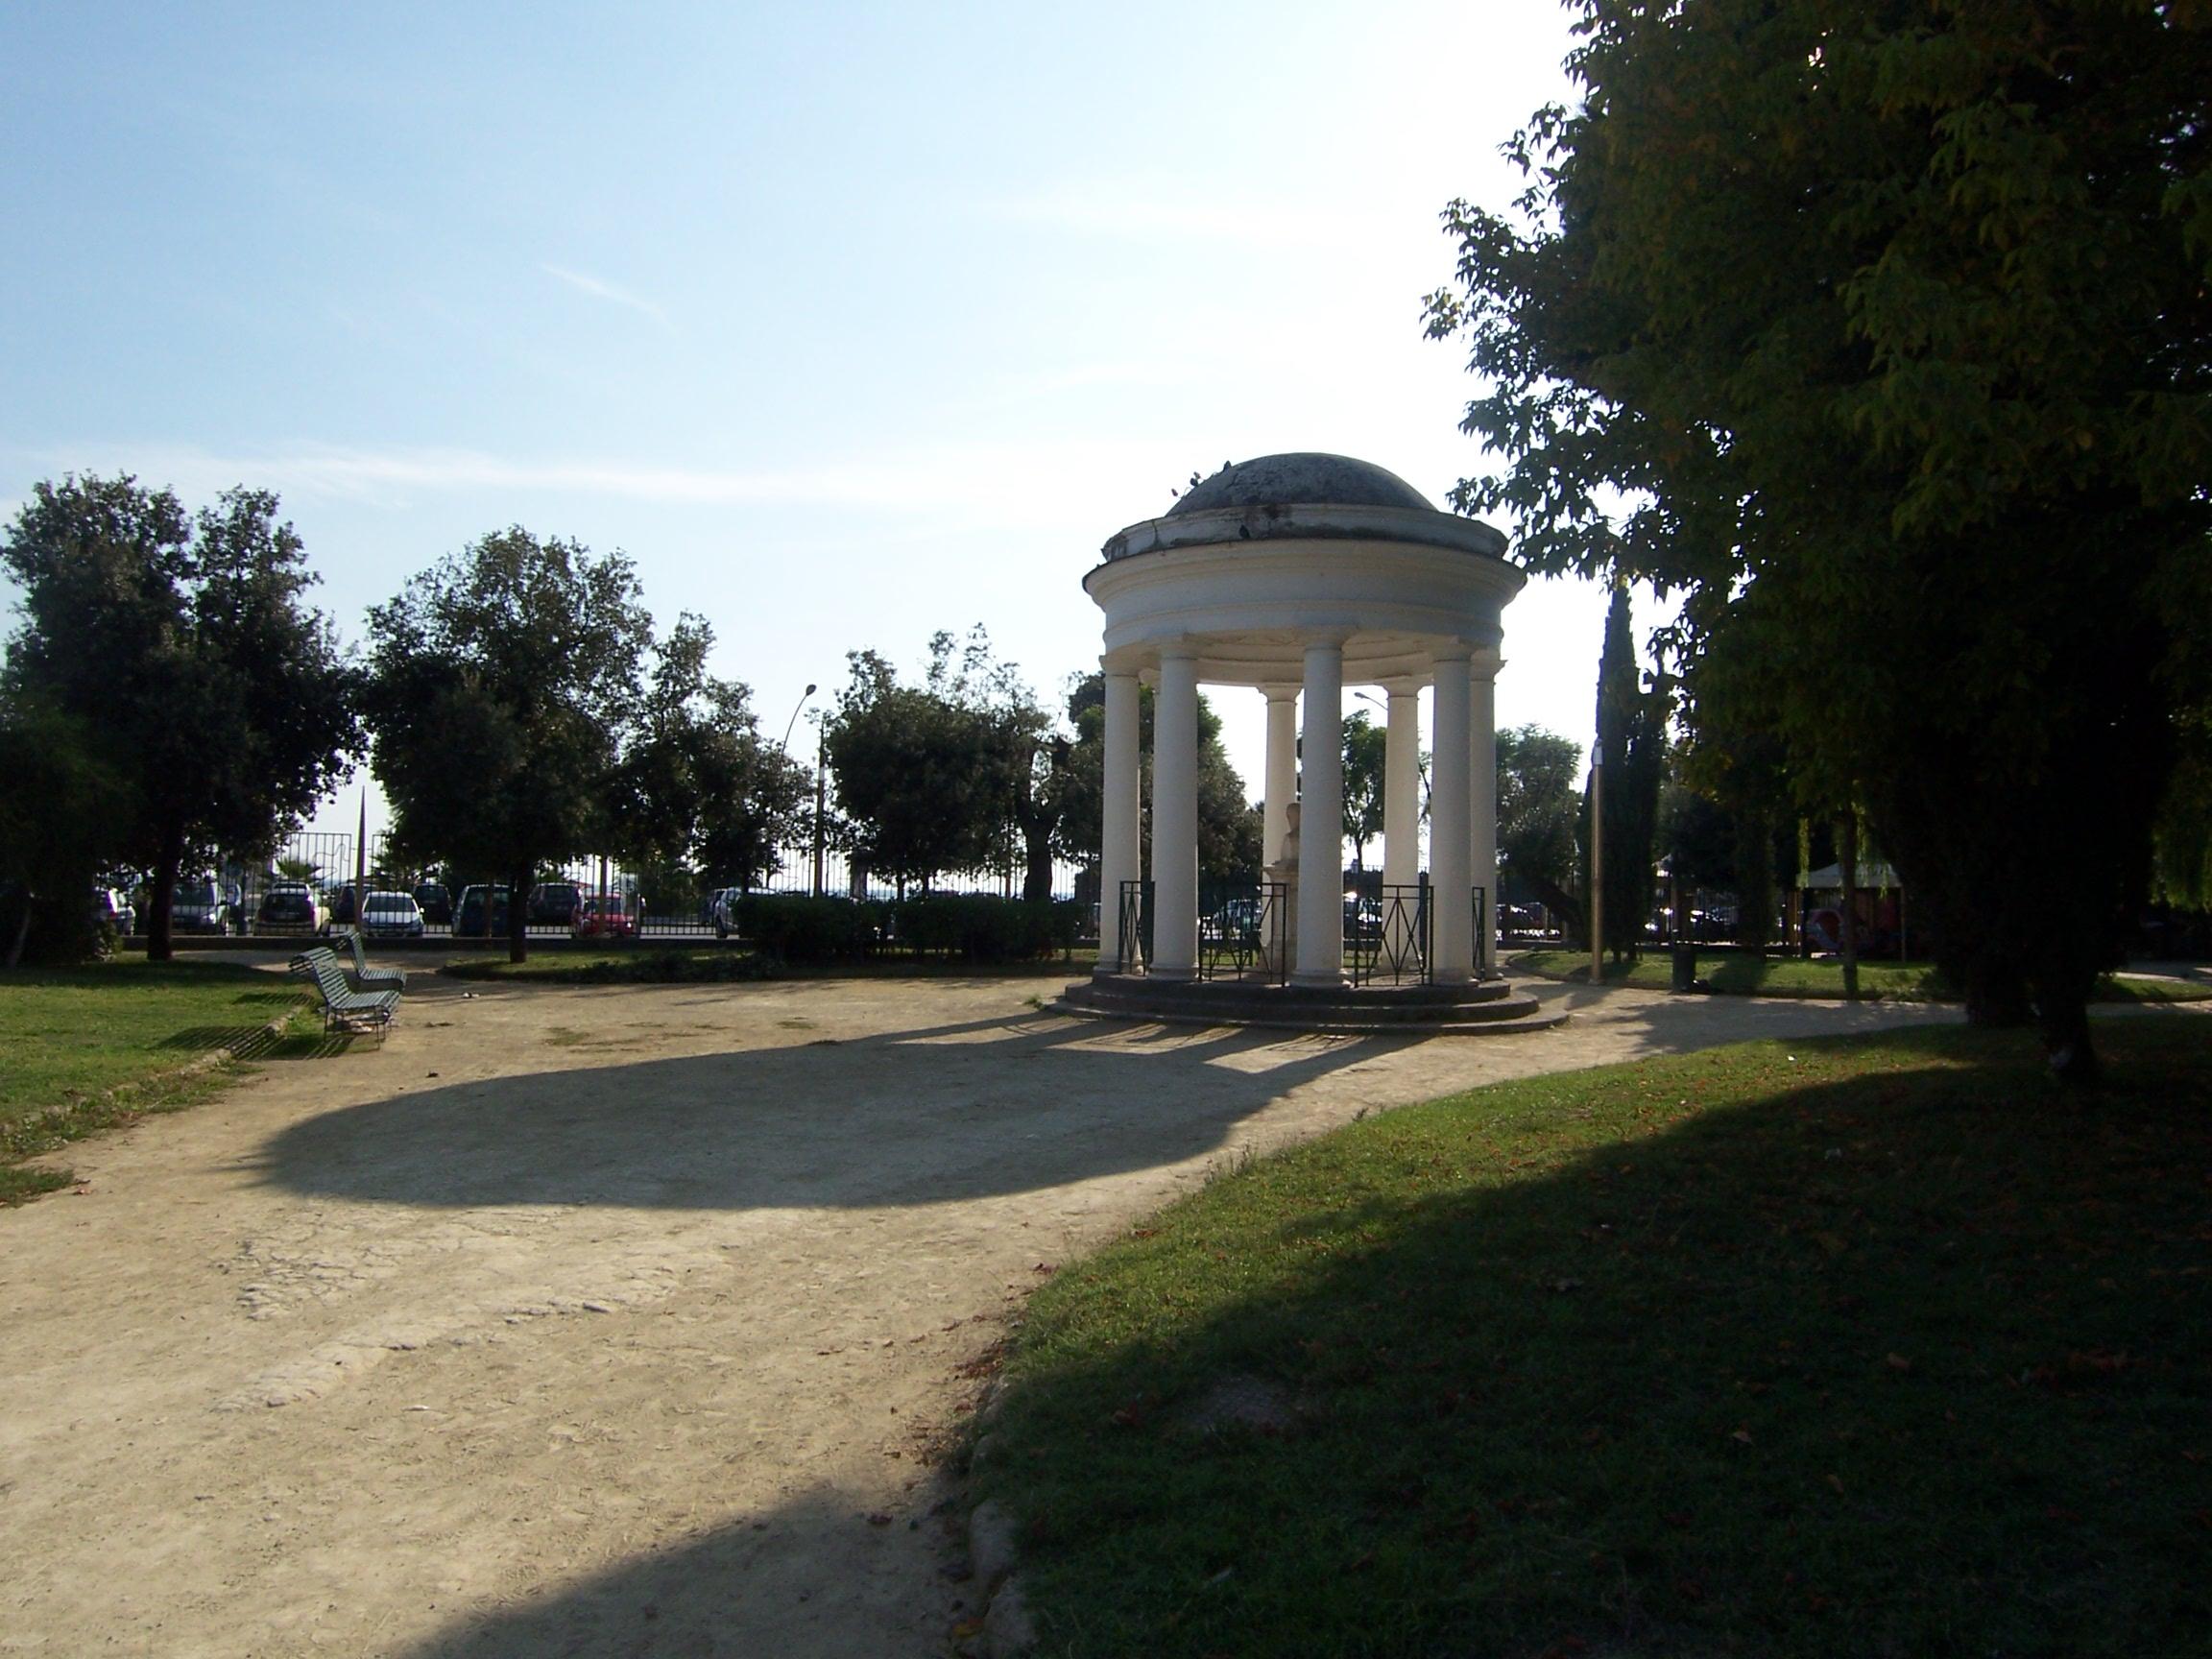 Chalet Villa Comunale Napoli Vecchio